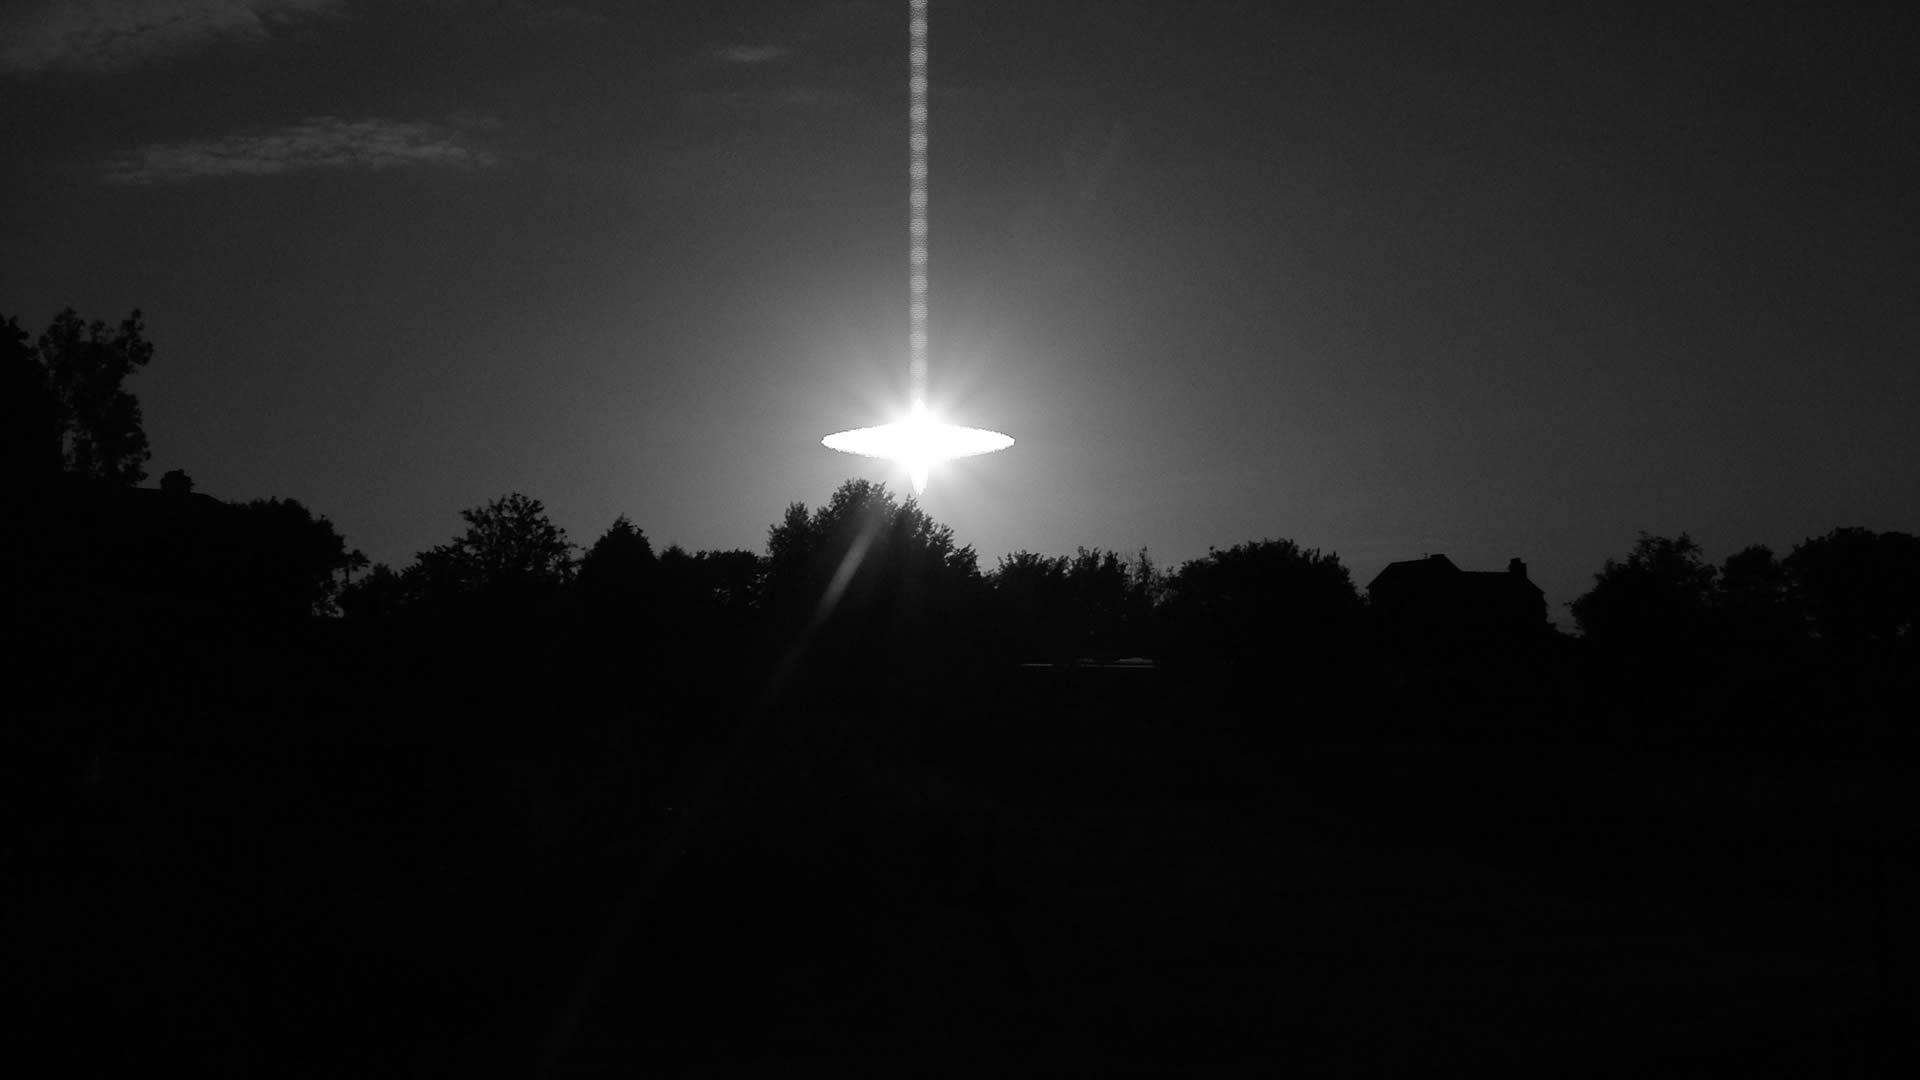 Testigos aterrorizados reportan OVNIs y ruidos extraños en Berisso, Argentina